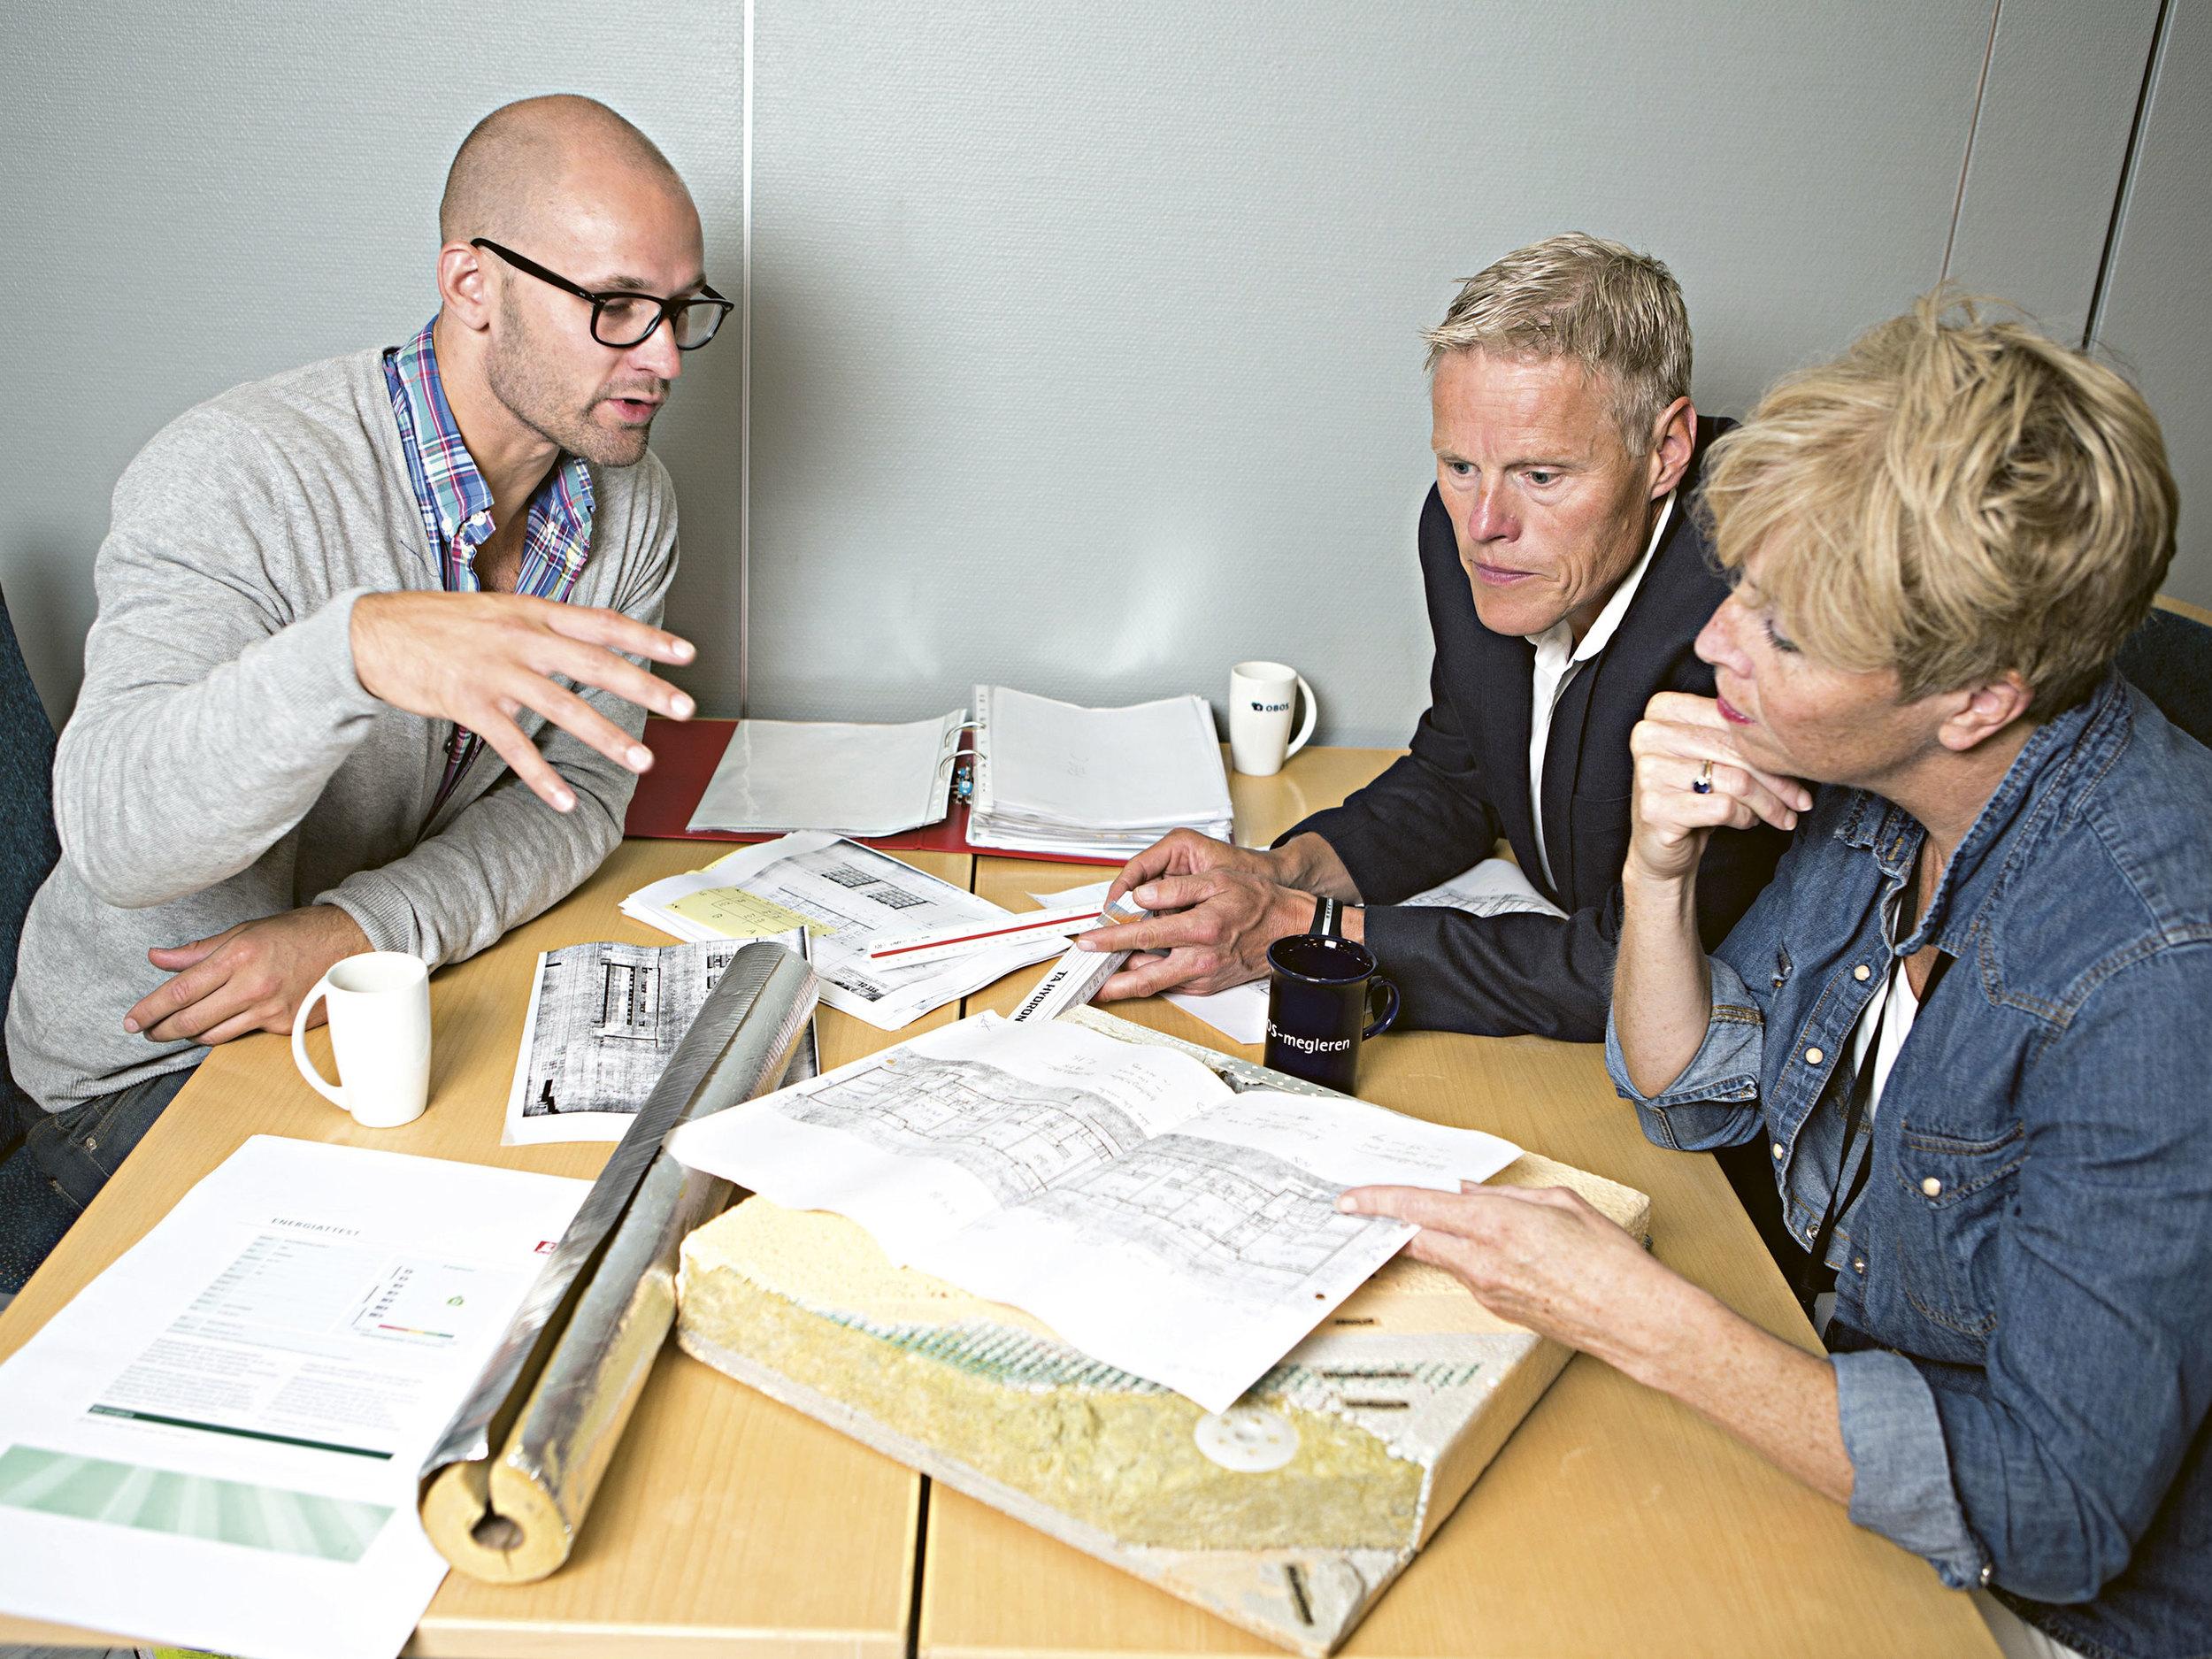 Tre OBOS-ansatte diskuterer energimerking. Fra venstre: Stian Valholm, Morten Aagenæs og Ragnhild Sørlie. Foto: Charlotte Wiig.